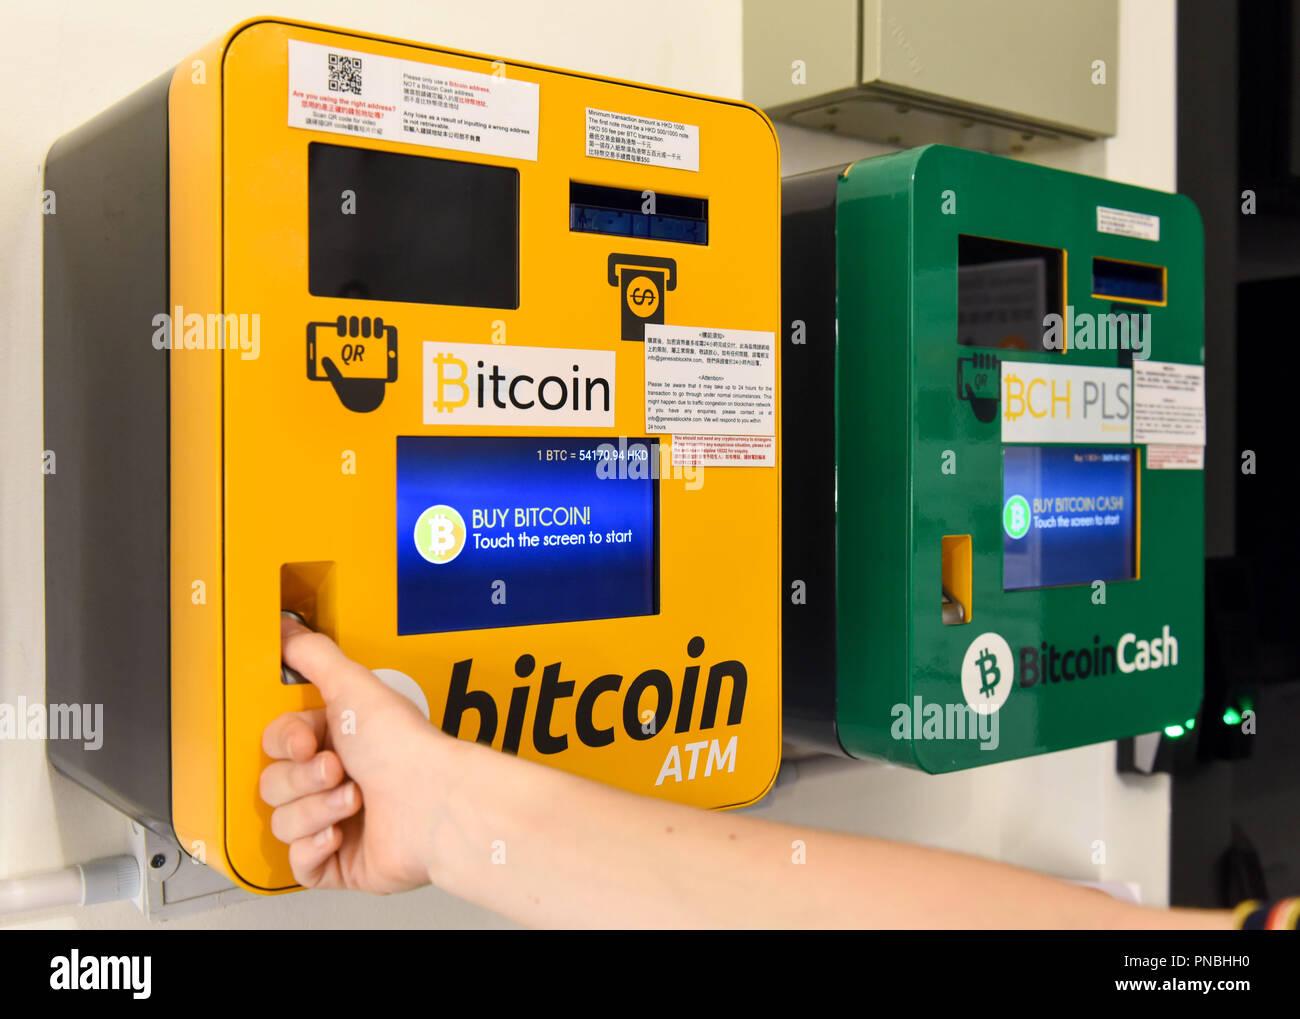 HONG KONG,HONG KONG SAR,CHINA: SEPTEMBER 20th, 2018.A woman uses the Bitcoin and Ethereum ATM installed at the Genesis Block Wan Chai. Genesis Block i - Stock Image